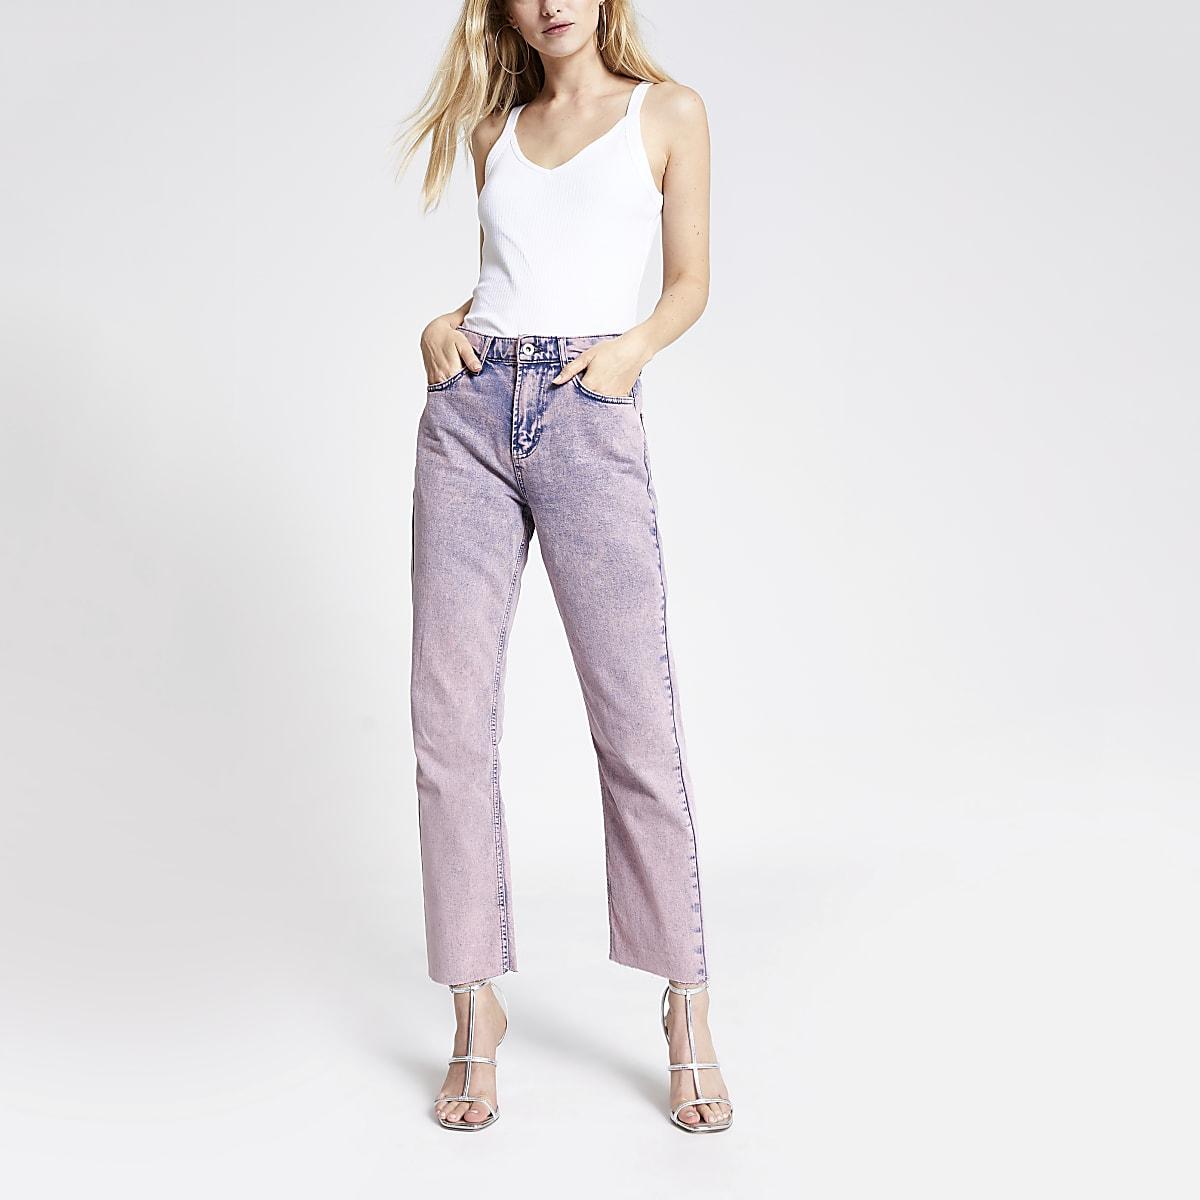 Pink acid wash high rise denim Mom jeans